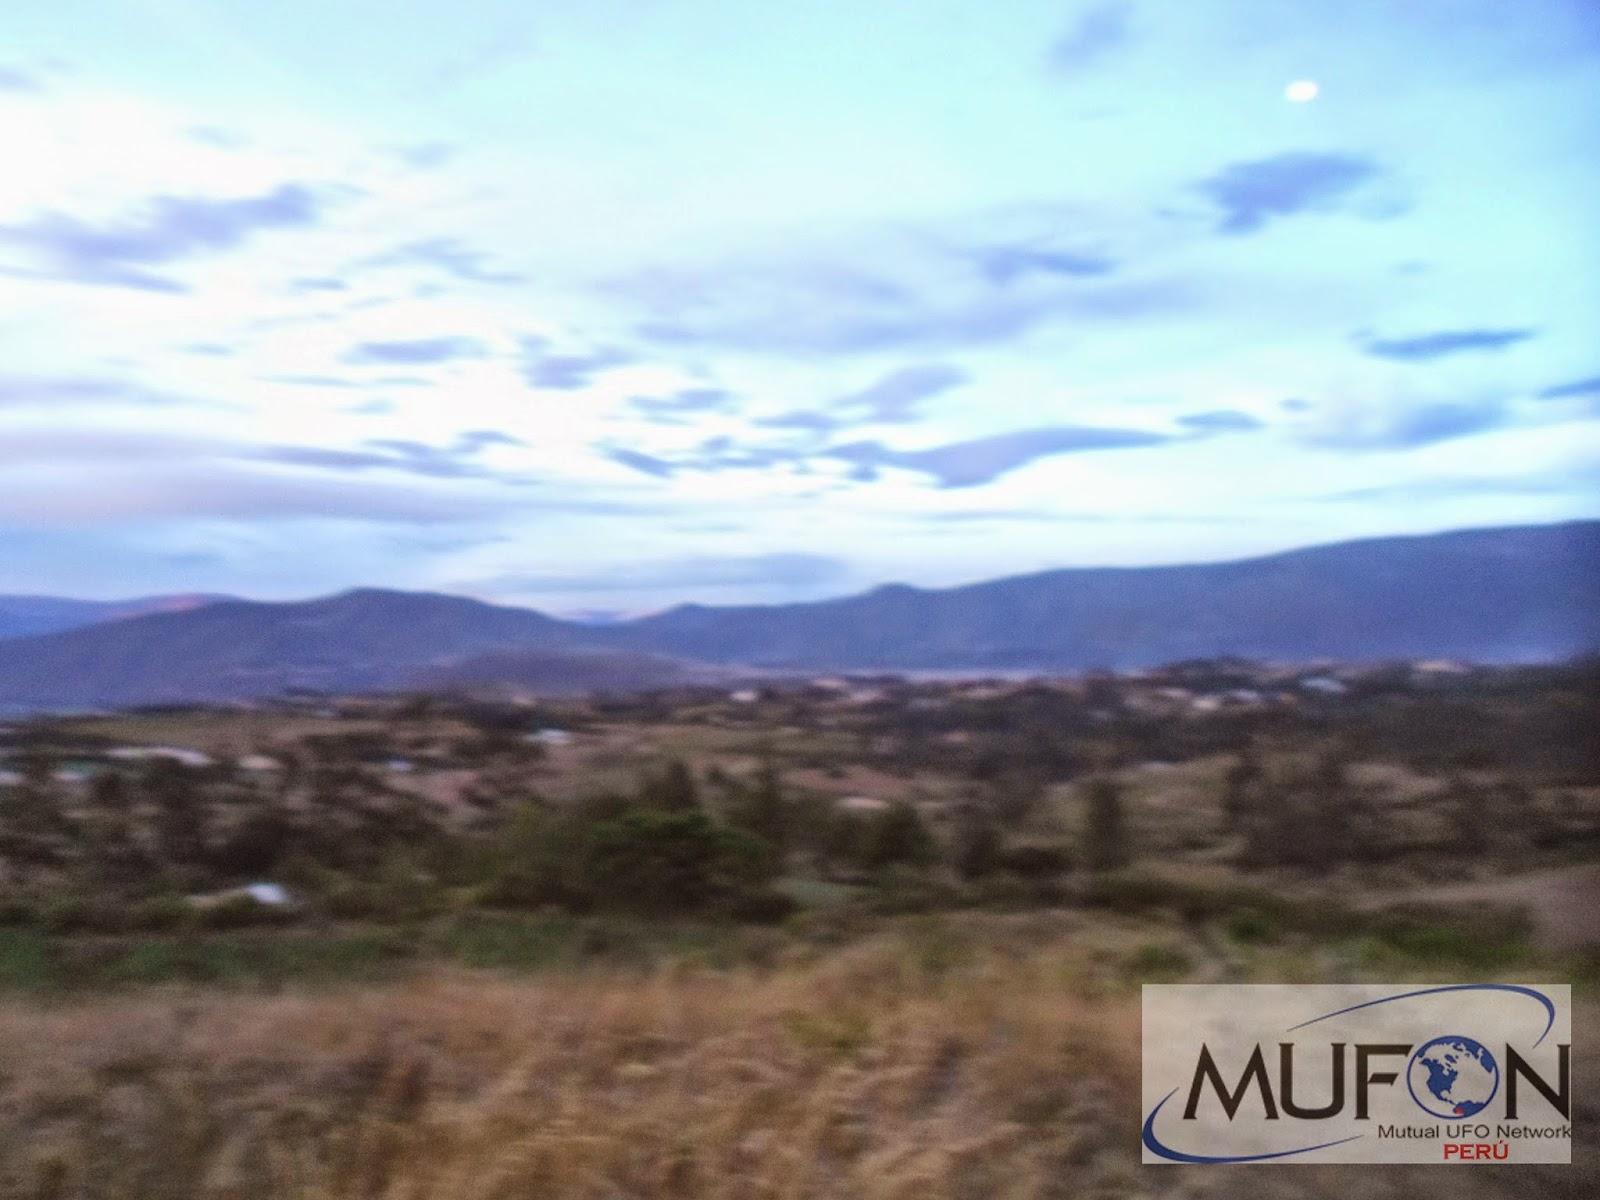 Fotografía tomada el día 1 de mayo (2015) en la provincia de Imbabura, Ecuador. Puede observarse un objeto de forma elíptica en la esquina superior derecha.